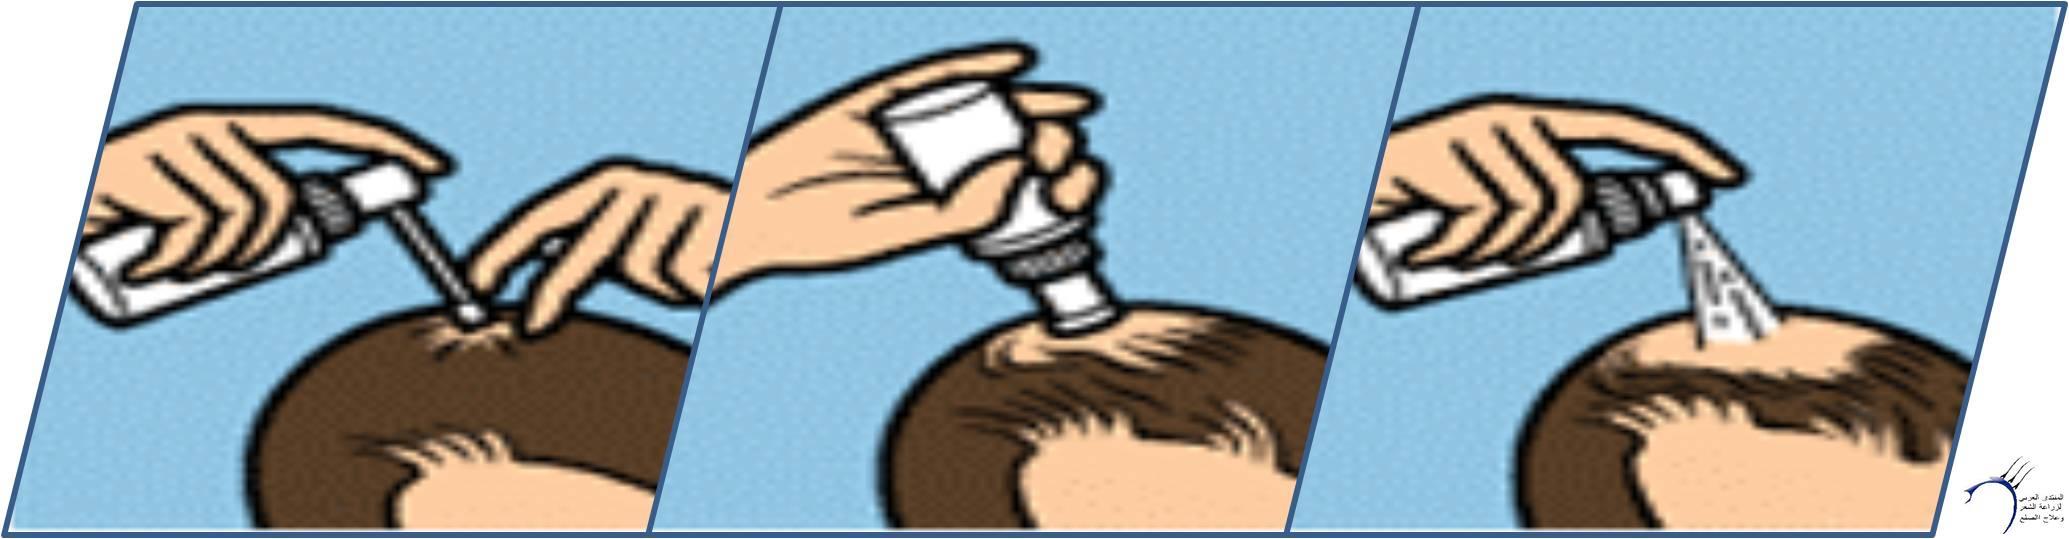 دواء المينوكسيديل www.hairarab.comade4